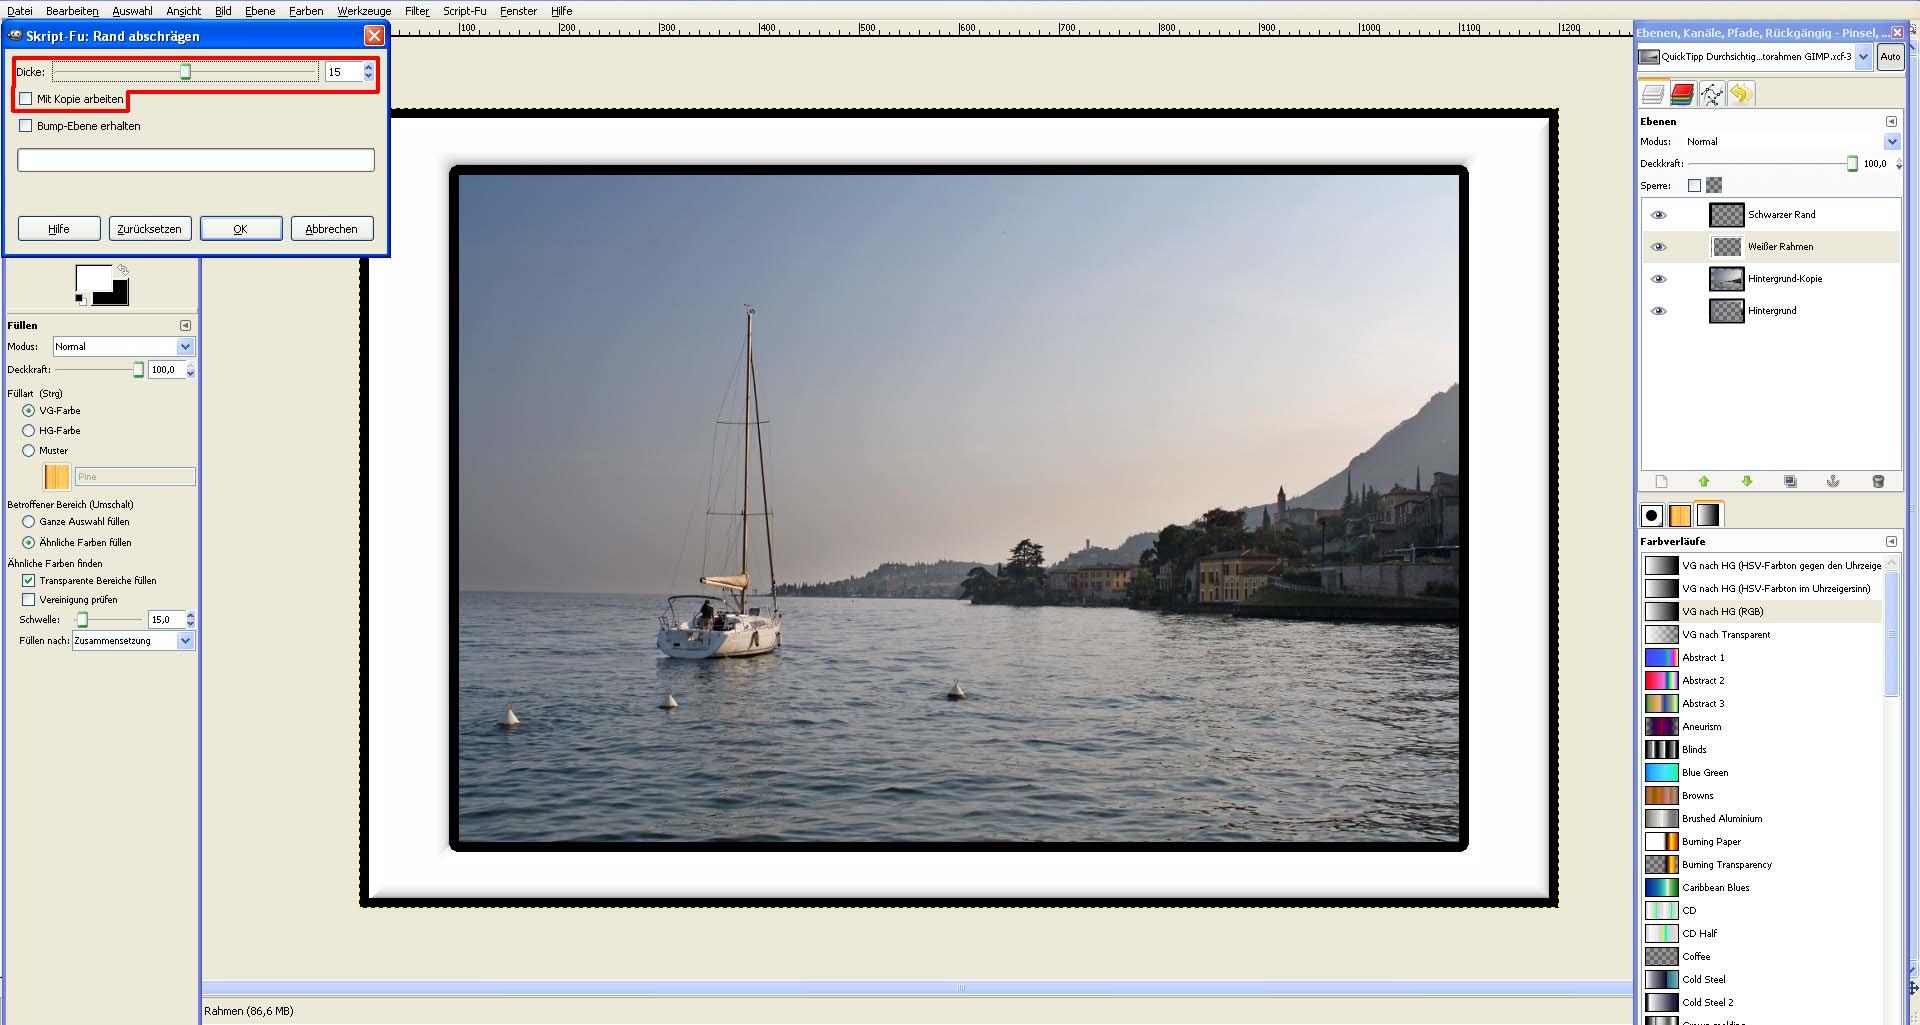 Erfreut Bilderrahmen Bearbeiten Fotos - Benutzerdefinierte ...